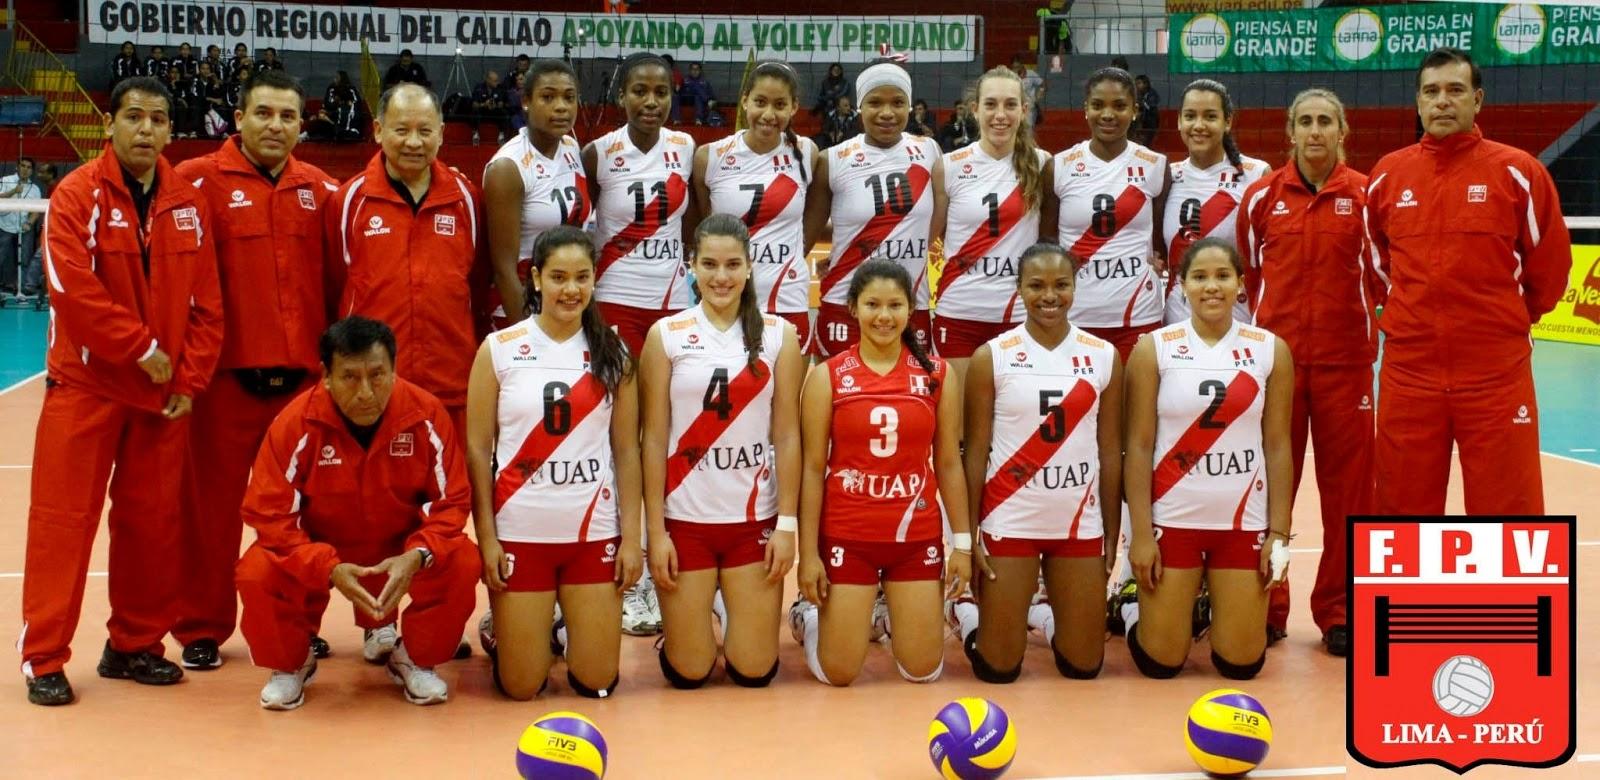 voley sudamericano: